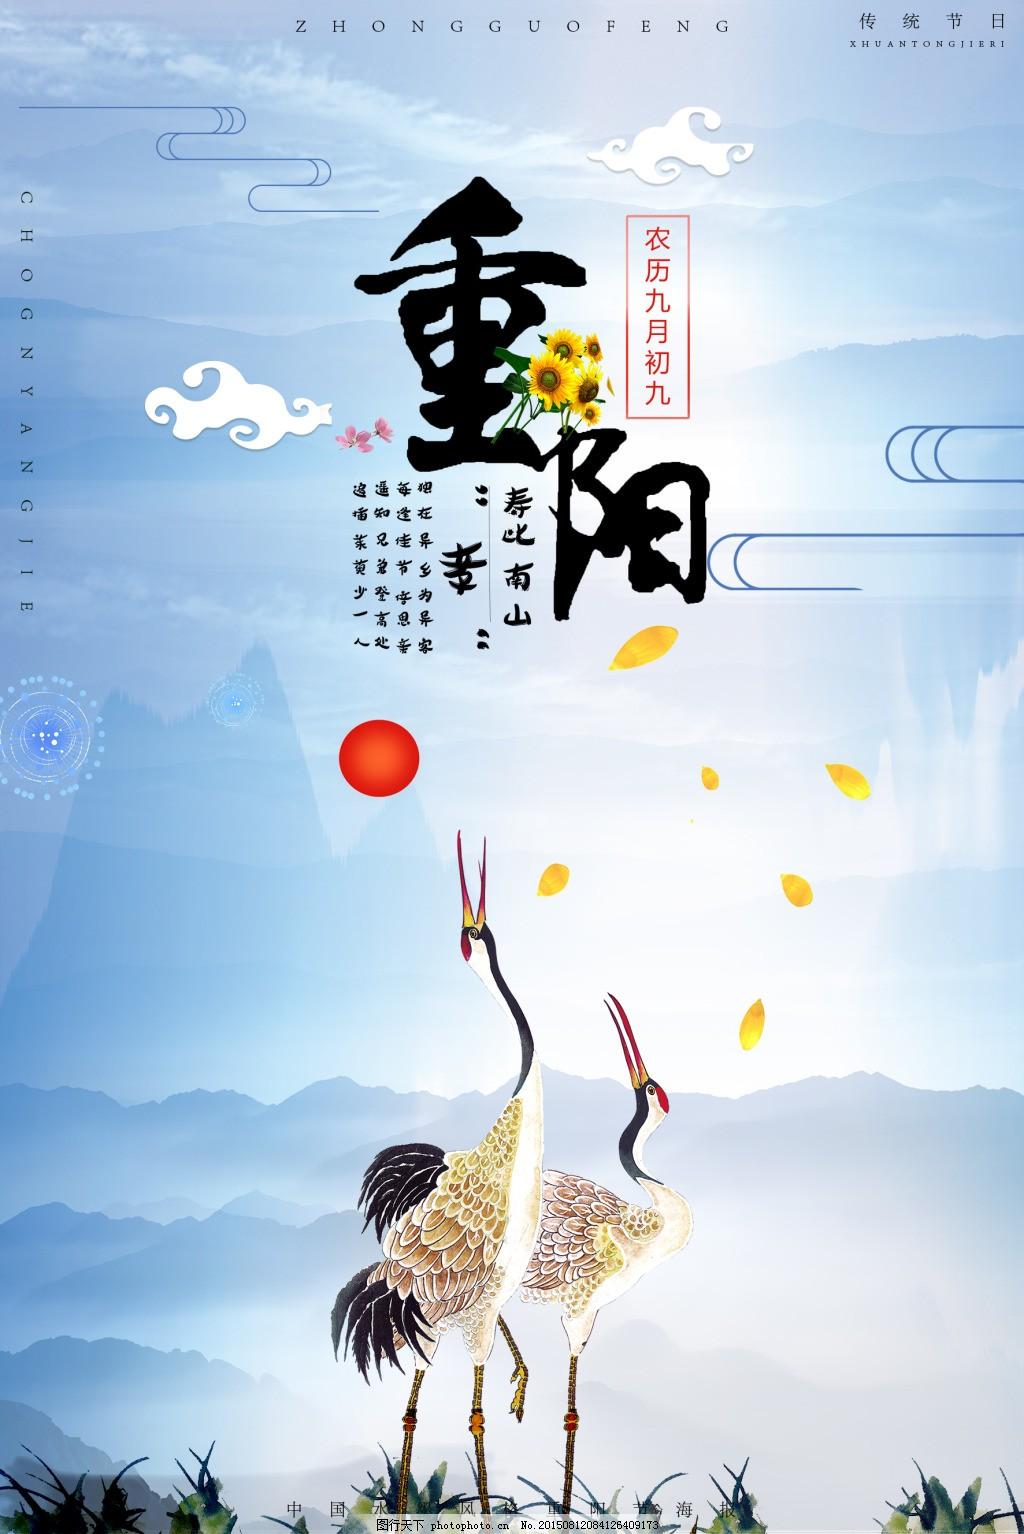 重阳节创意海报 节日海报 意境海报 中国风唯美意境